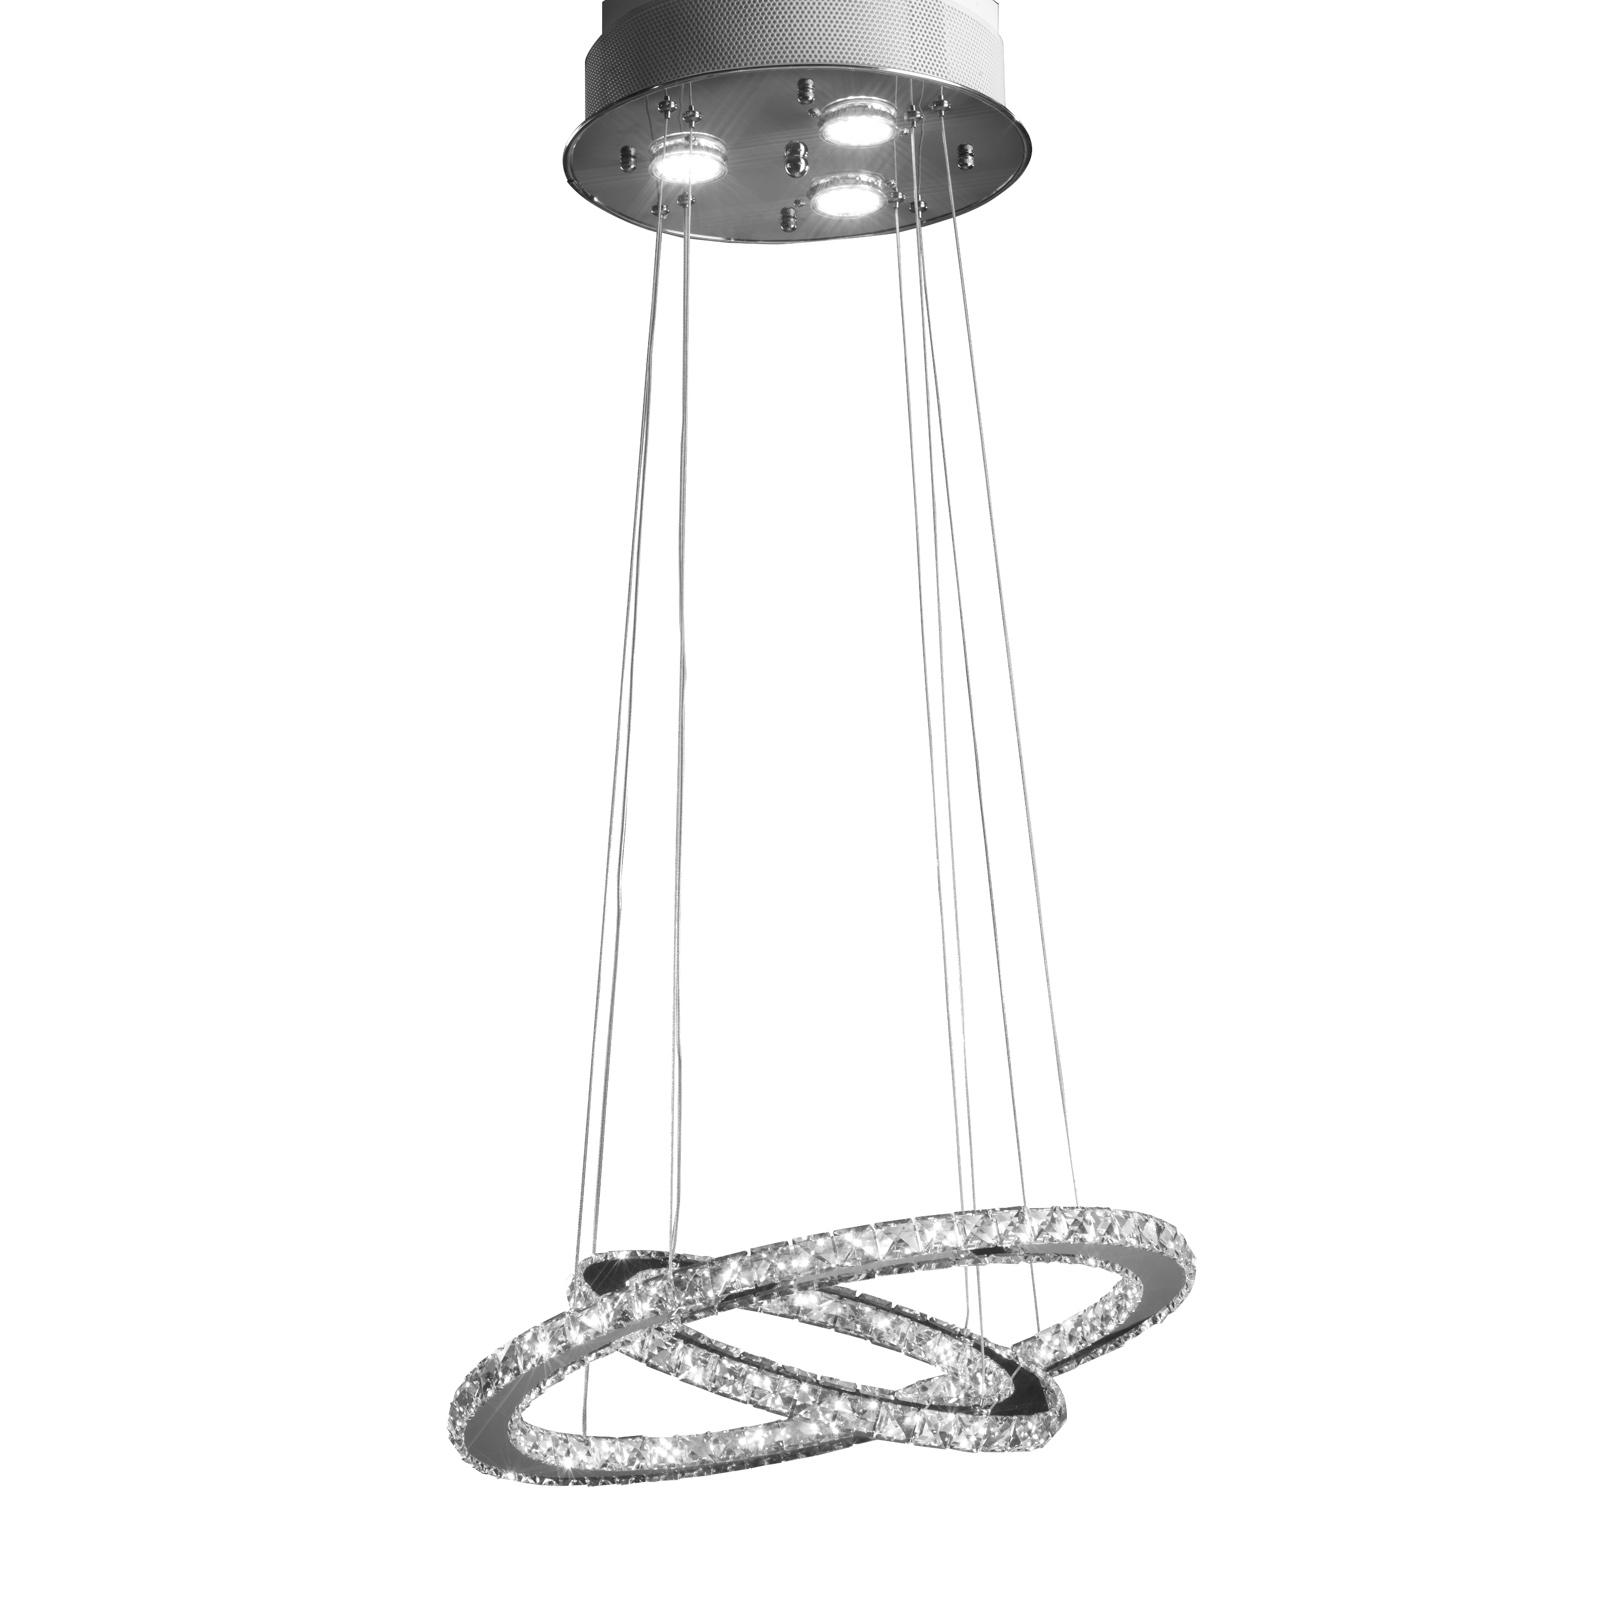 LED-Hängeleuchte Saturno mit Kristallglas